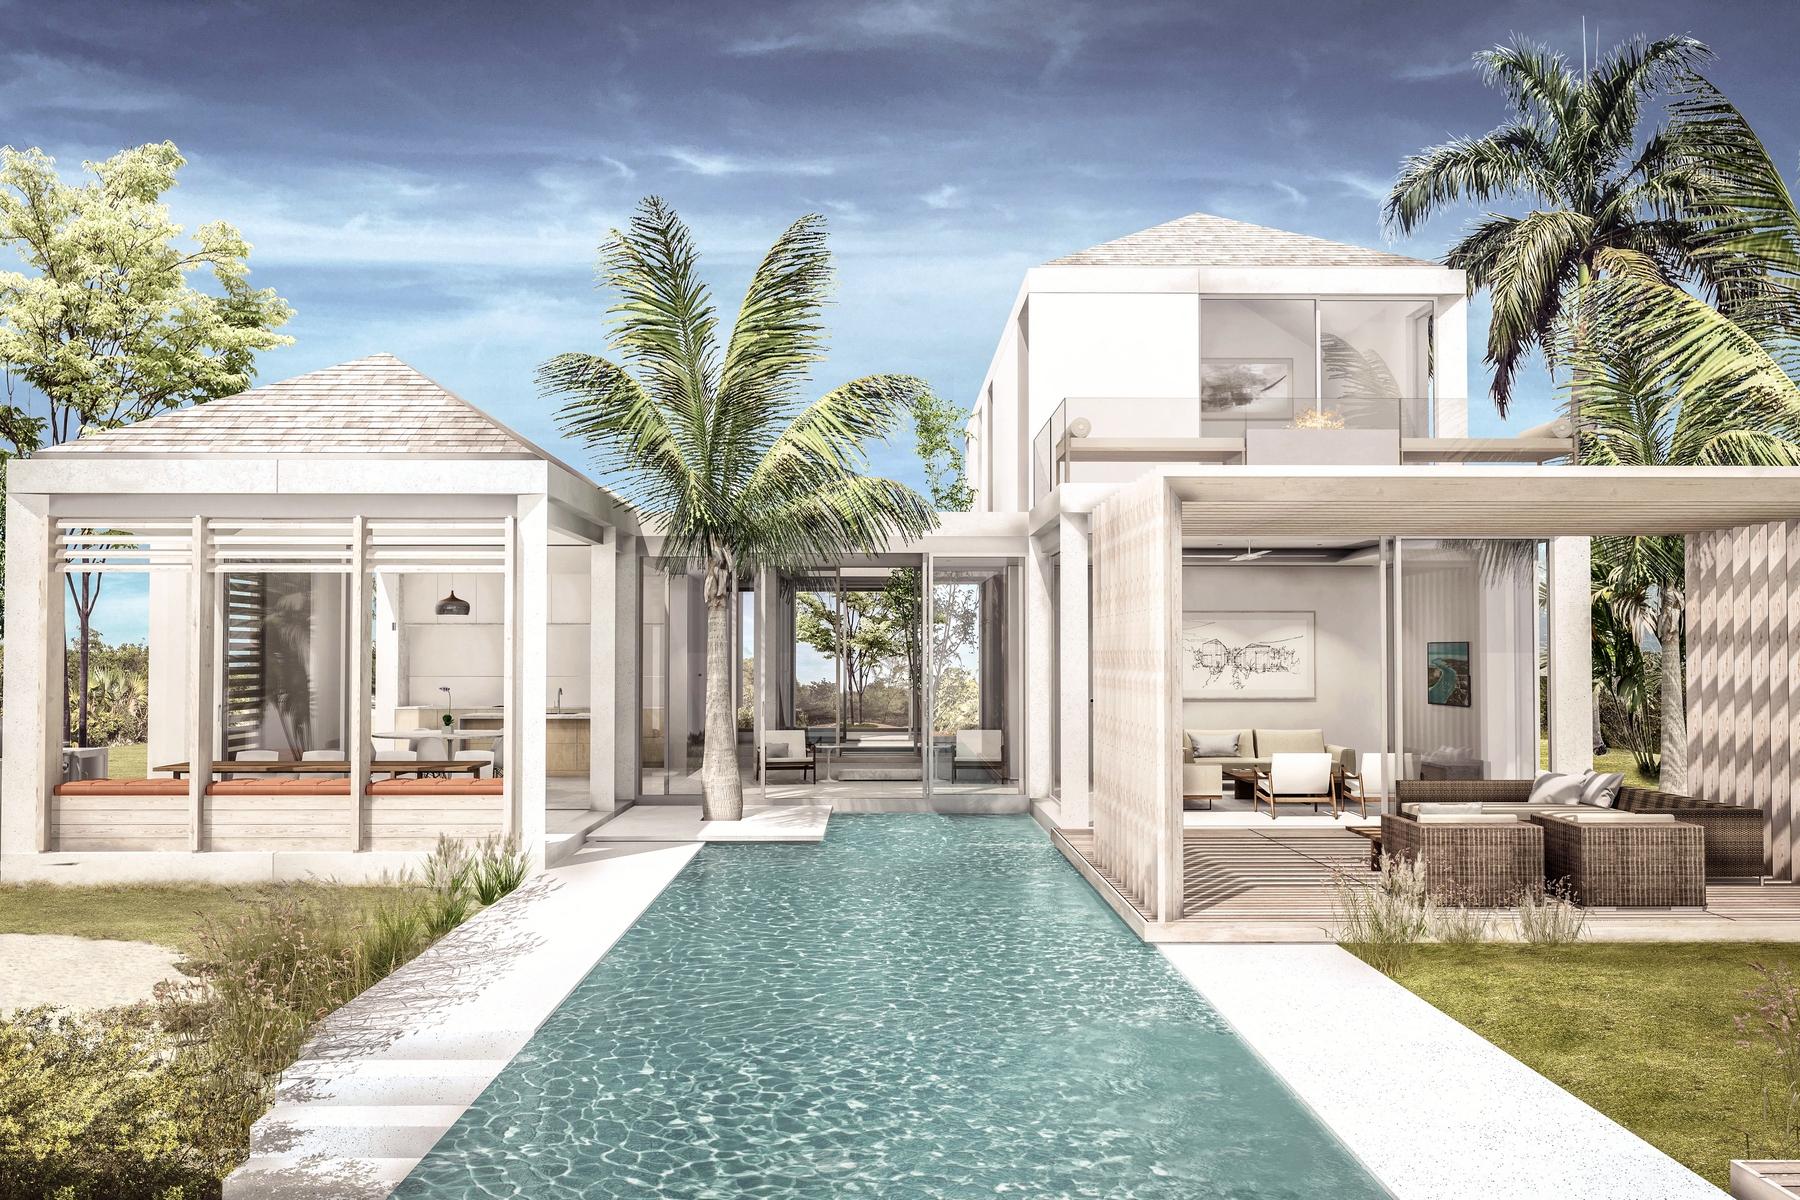 独户住宅 为 销售 在 Courtyard Canalfront Lot 10 Blue Cay Estate, Leeward, 特克斯和凯科斯群岛